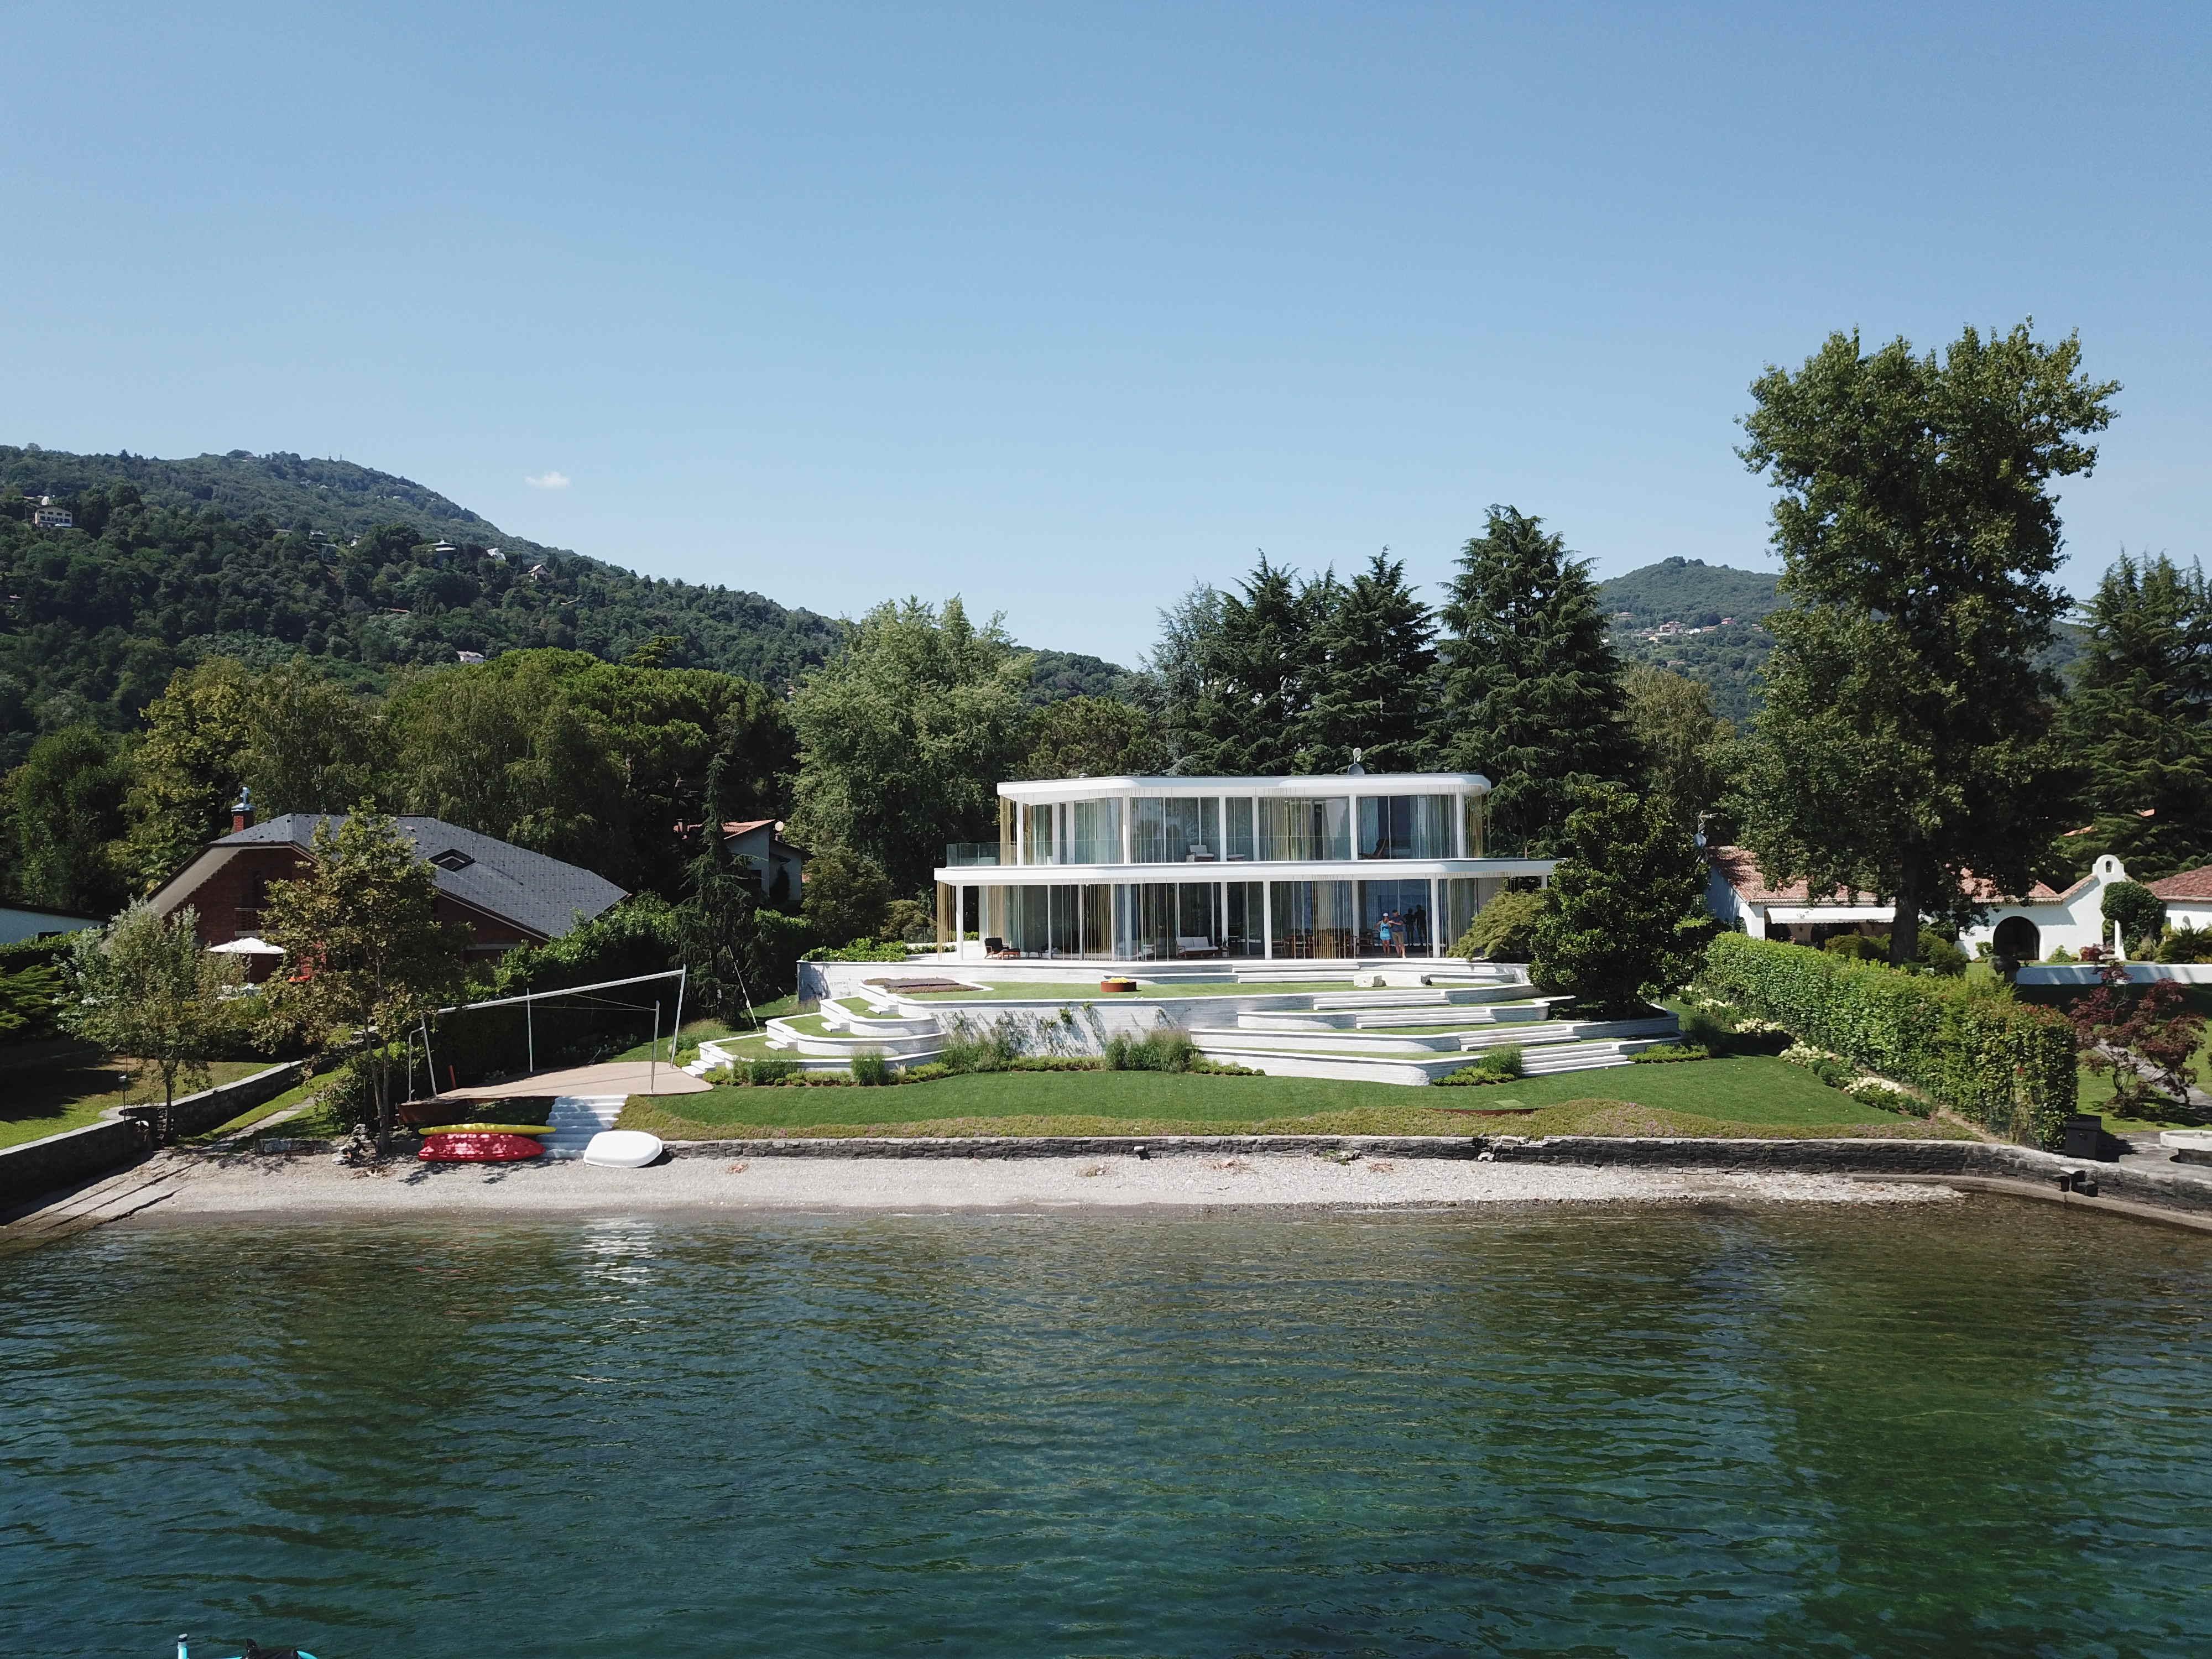 0718_RobertoManzetti-Architetto-NeuHouse-2